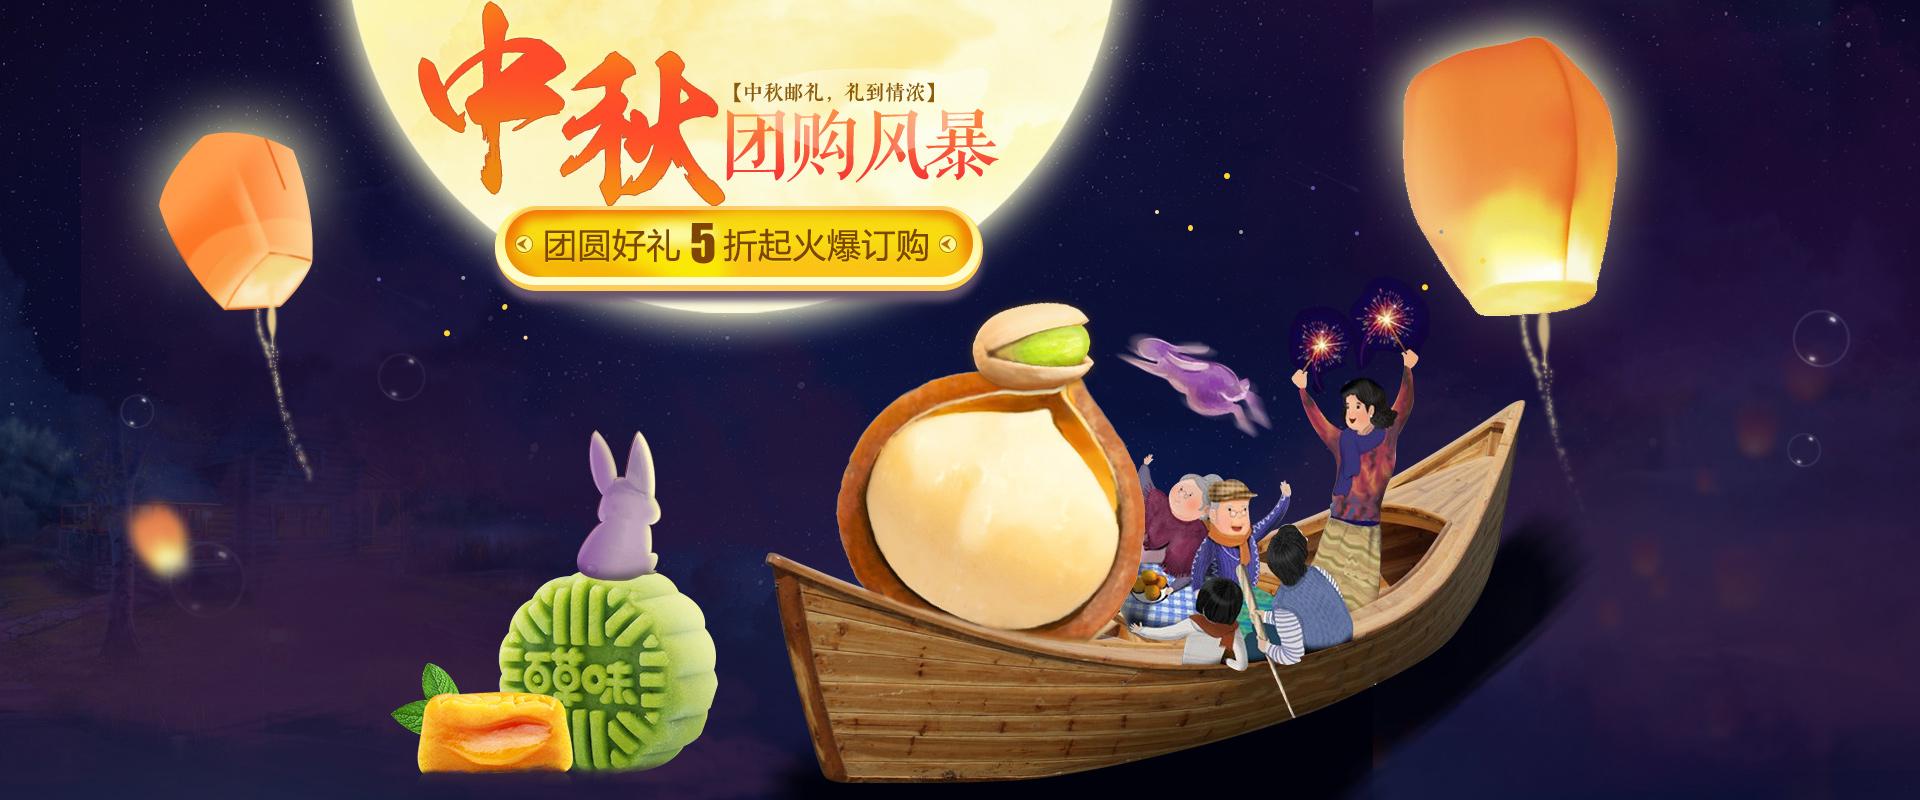 电商专题页 活动页 中秋节 食品/坚果首页 海报/banner图片